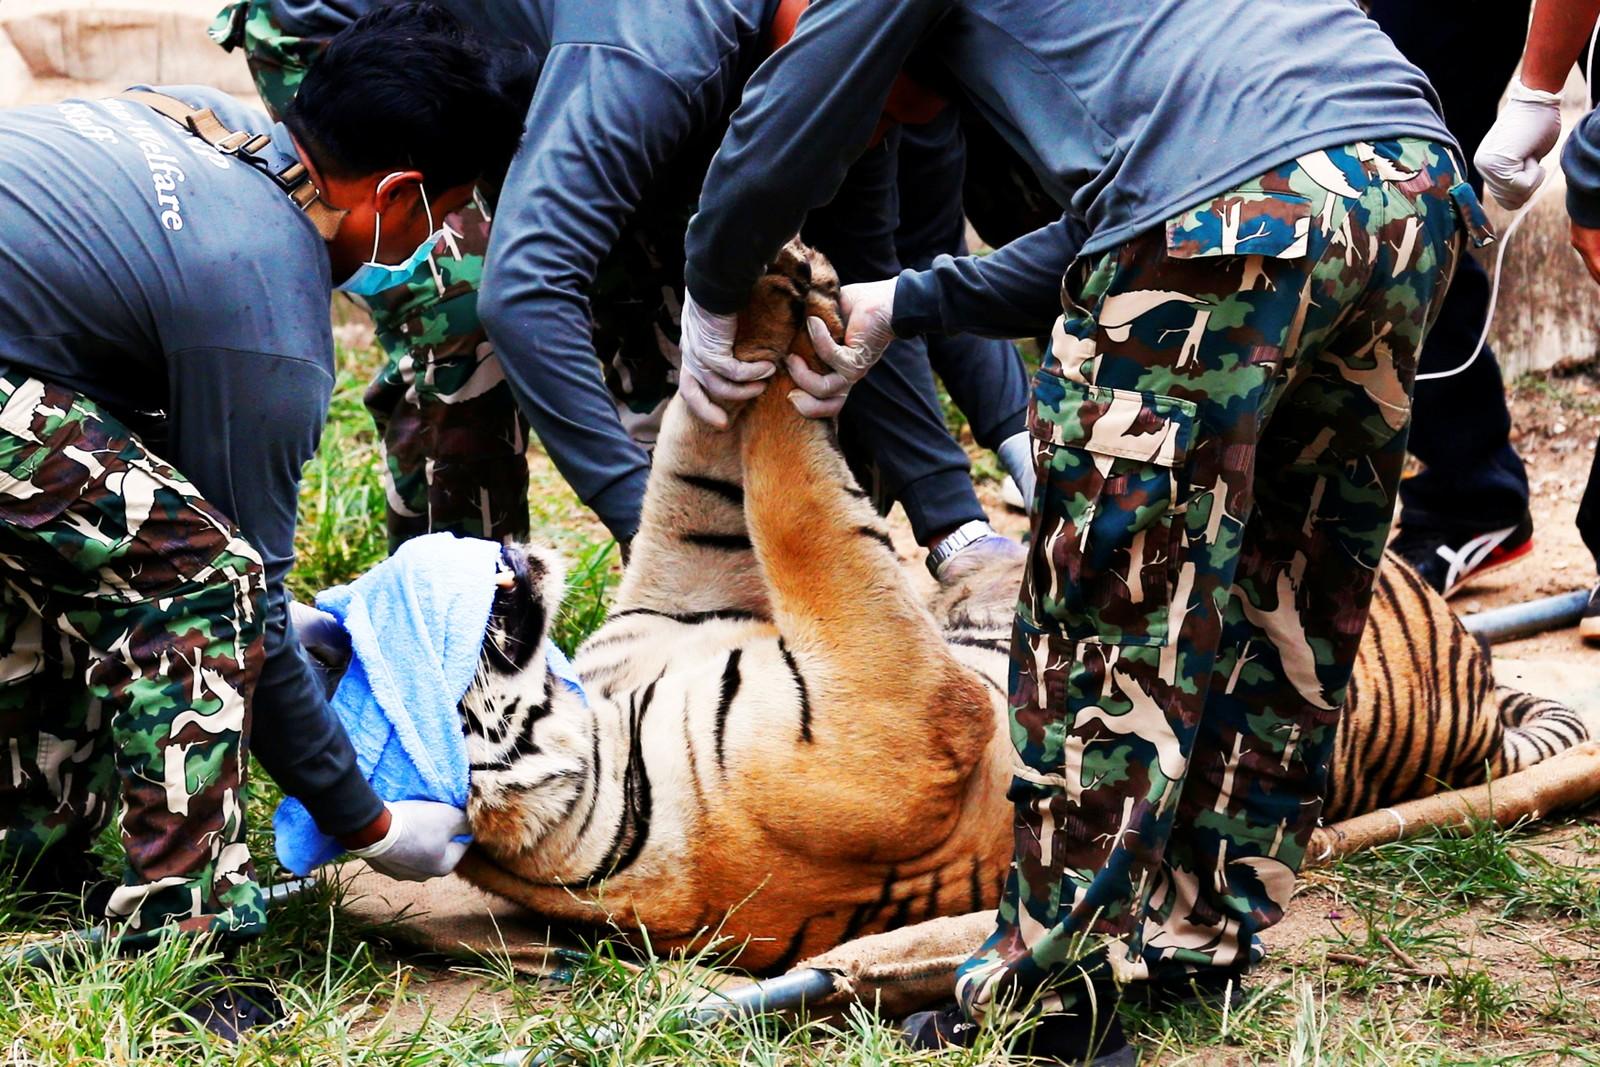 En bedøvet tiger legges på båre for å fraktes vekk fra tigertempelet, 30. mai, 2016.